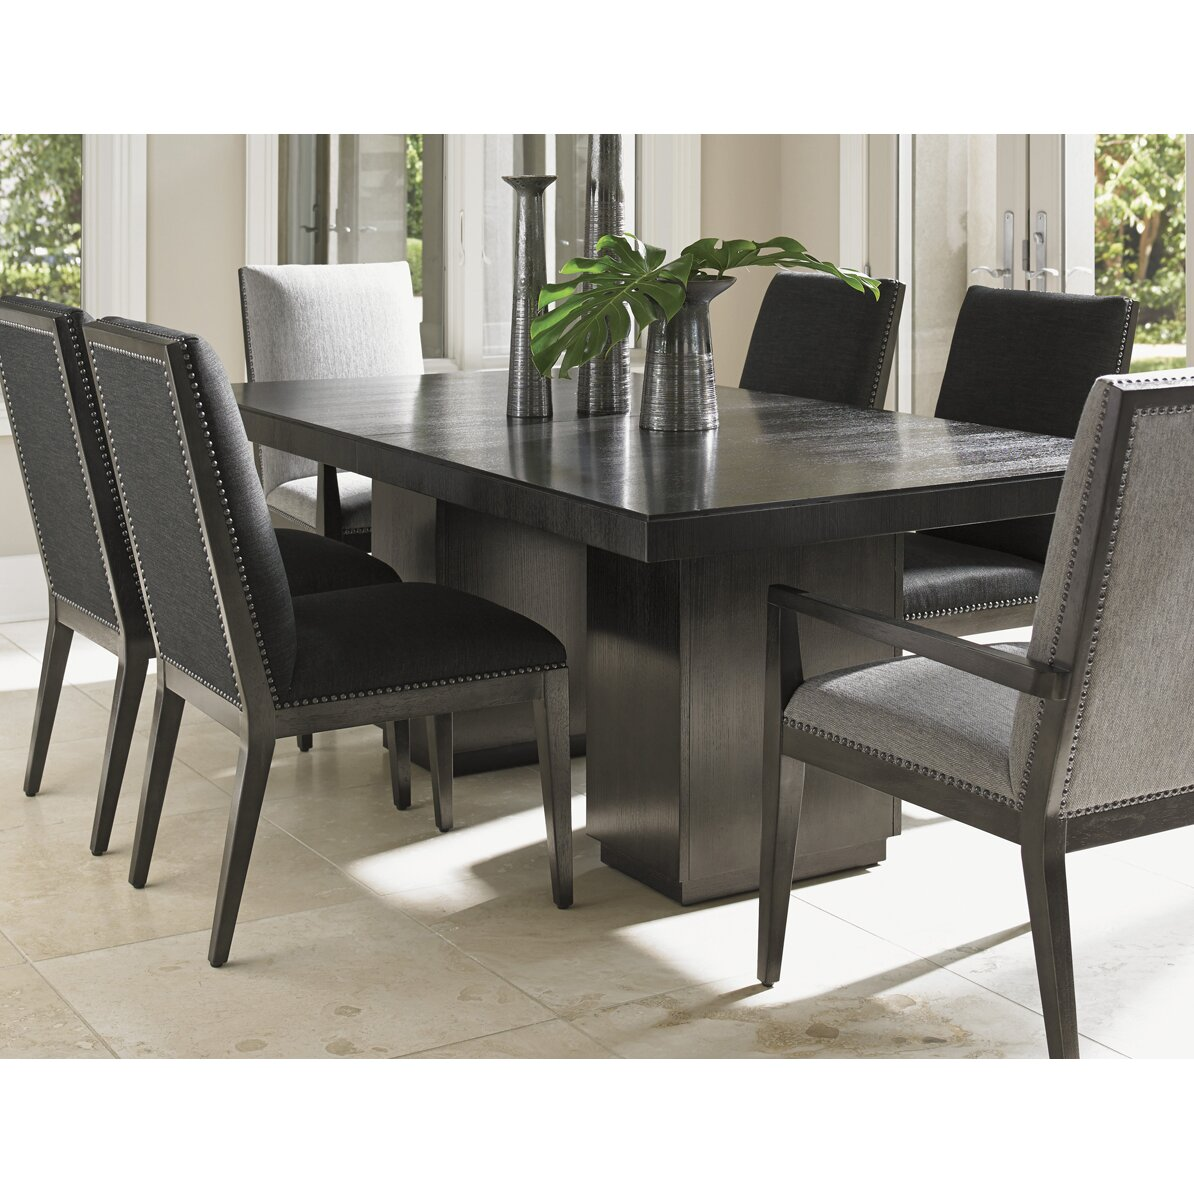 Lexington Carrera Extendable Dining Table & Reviews | Wayfair